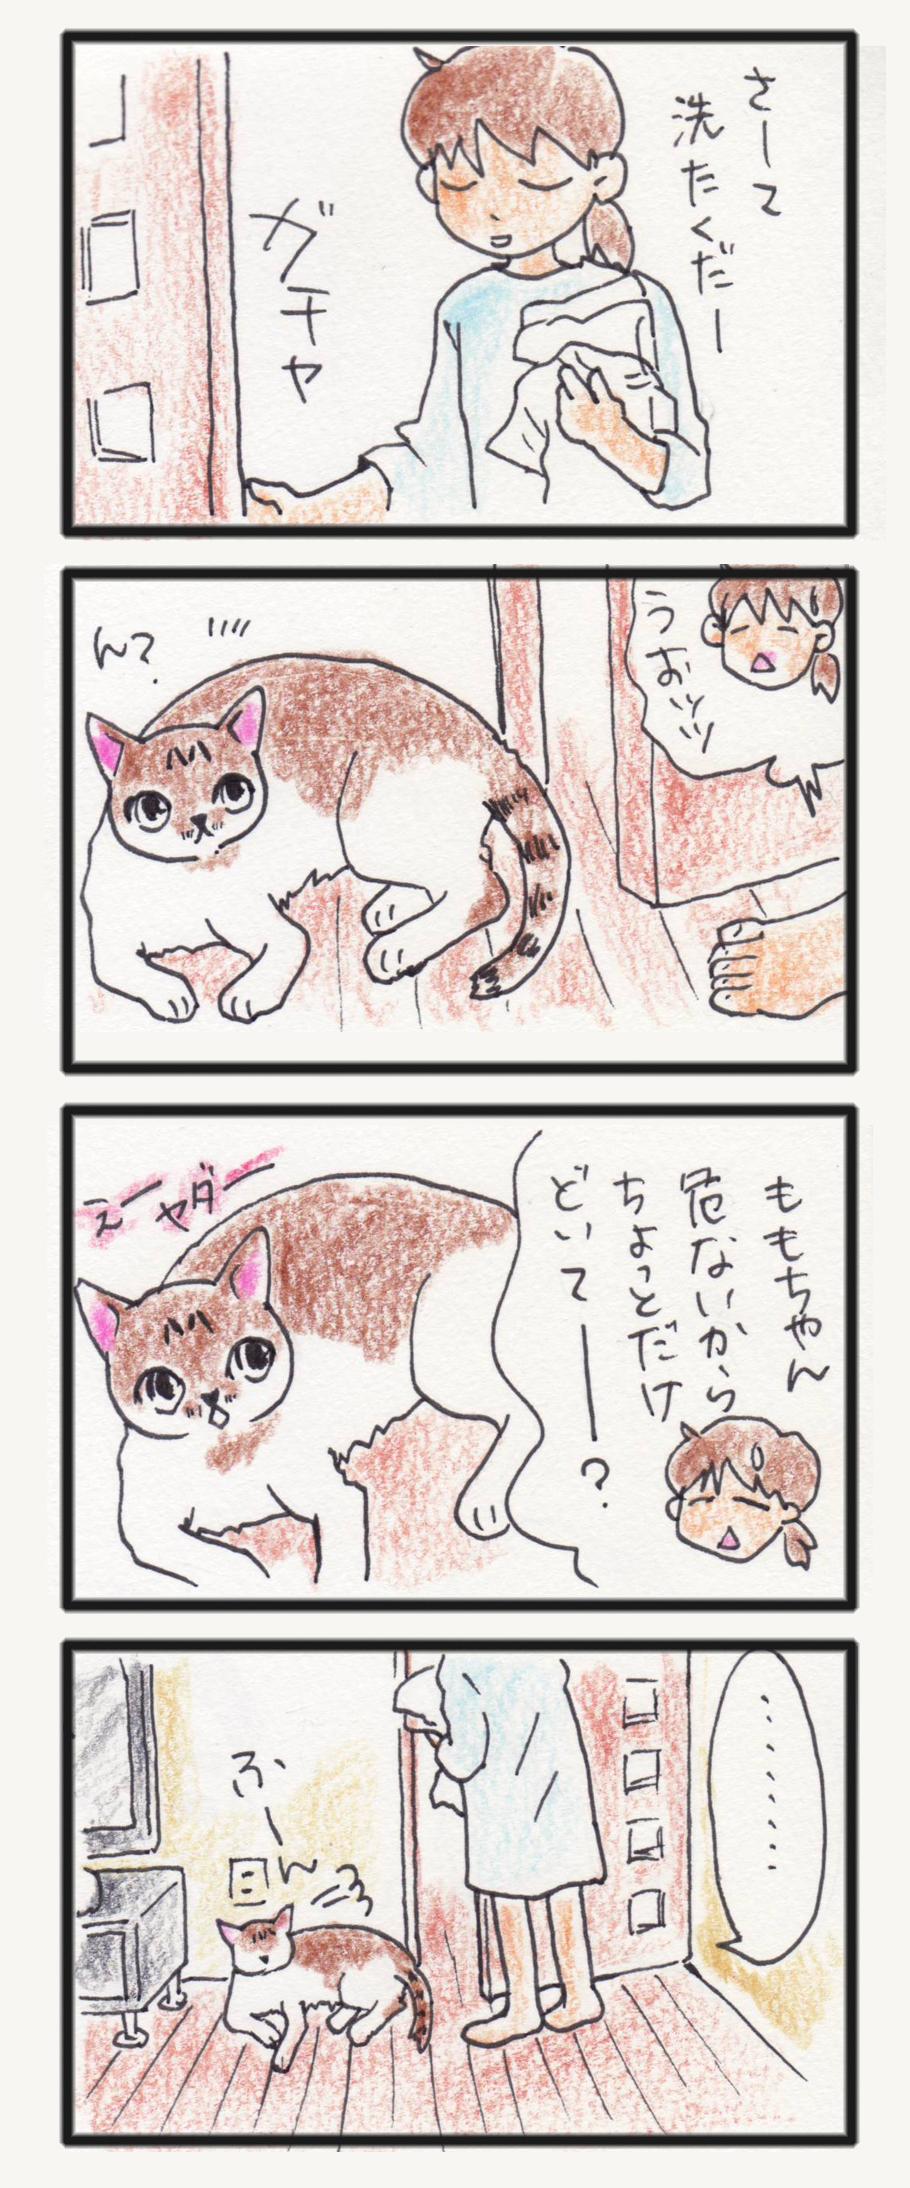 comic_4c_14052901.jpg